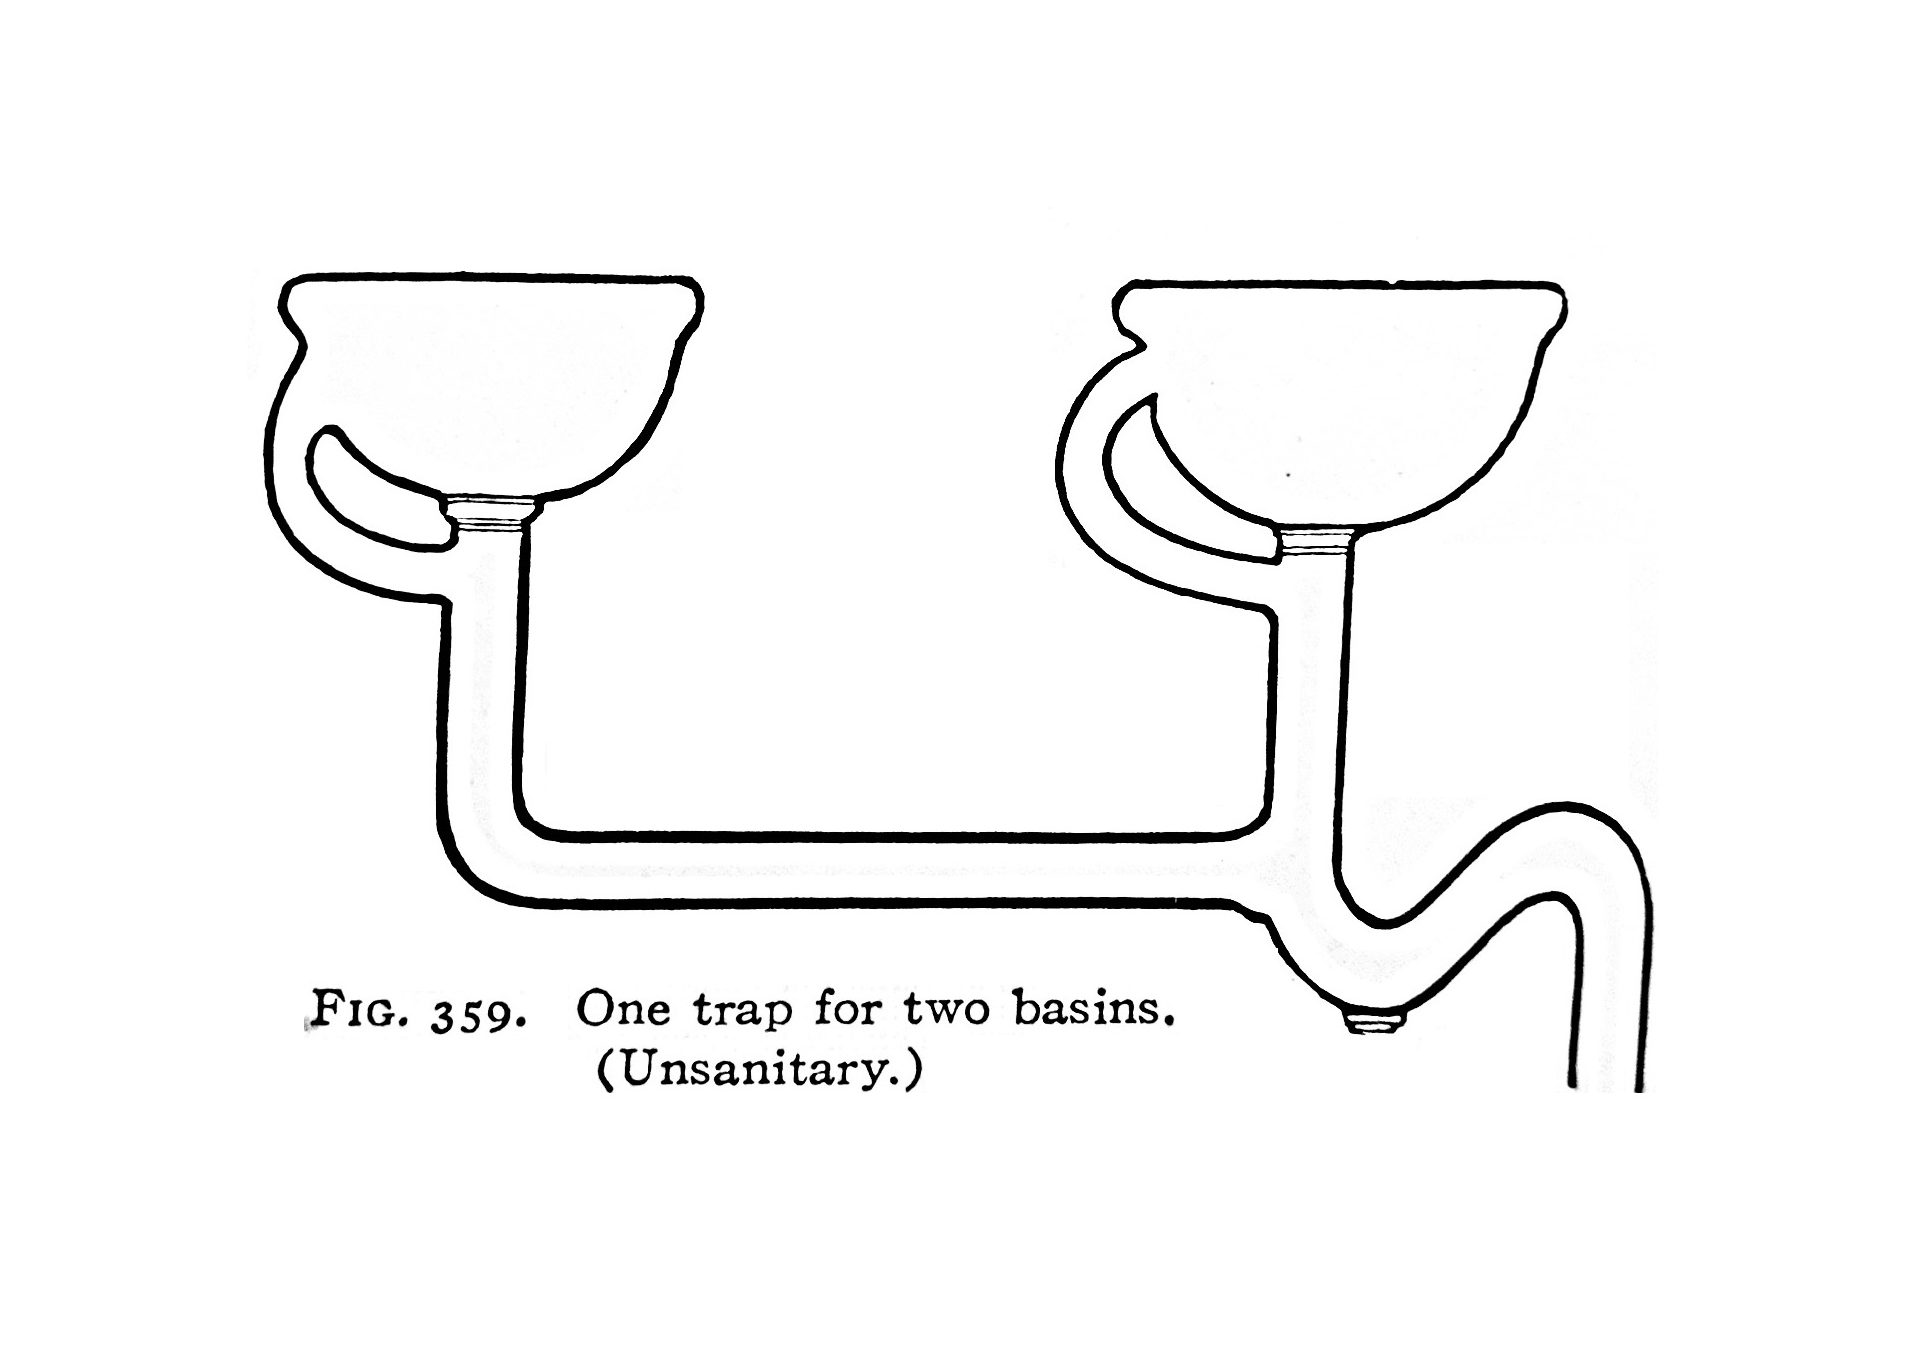 Unsanitary trap